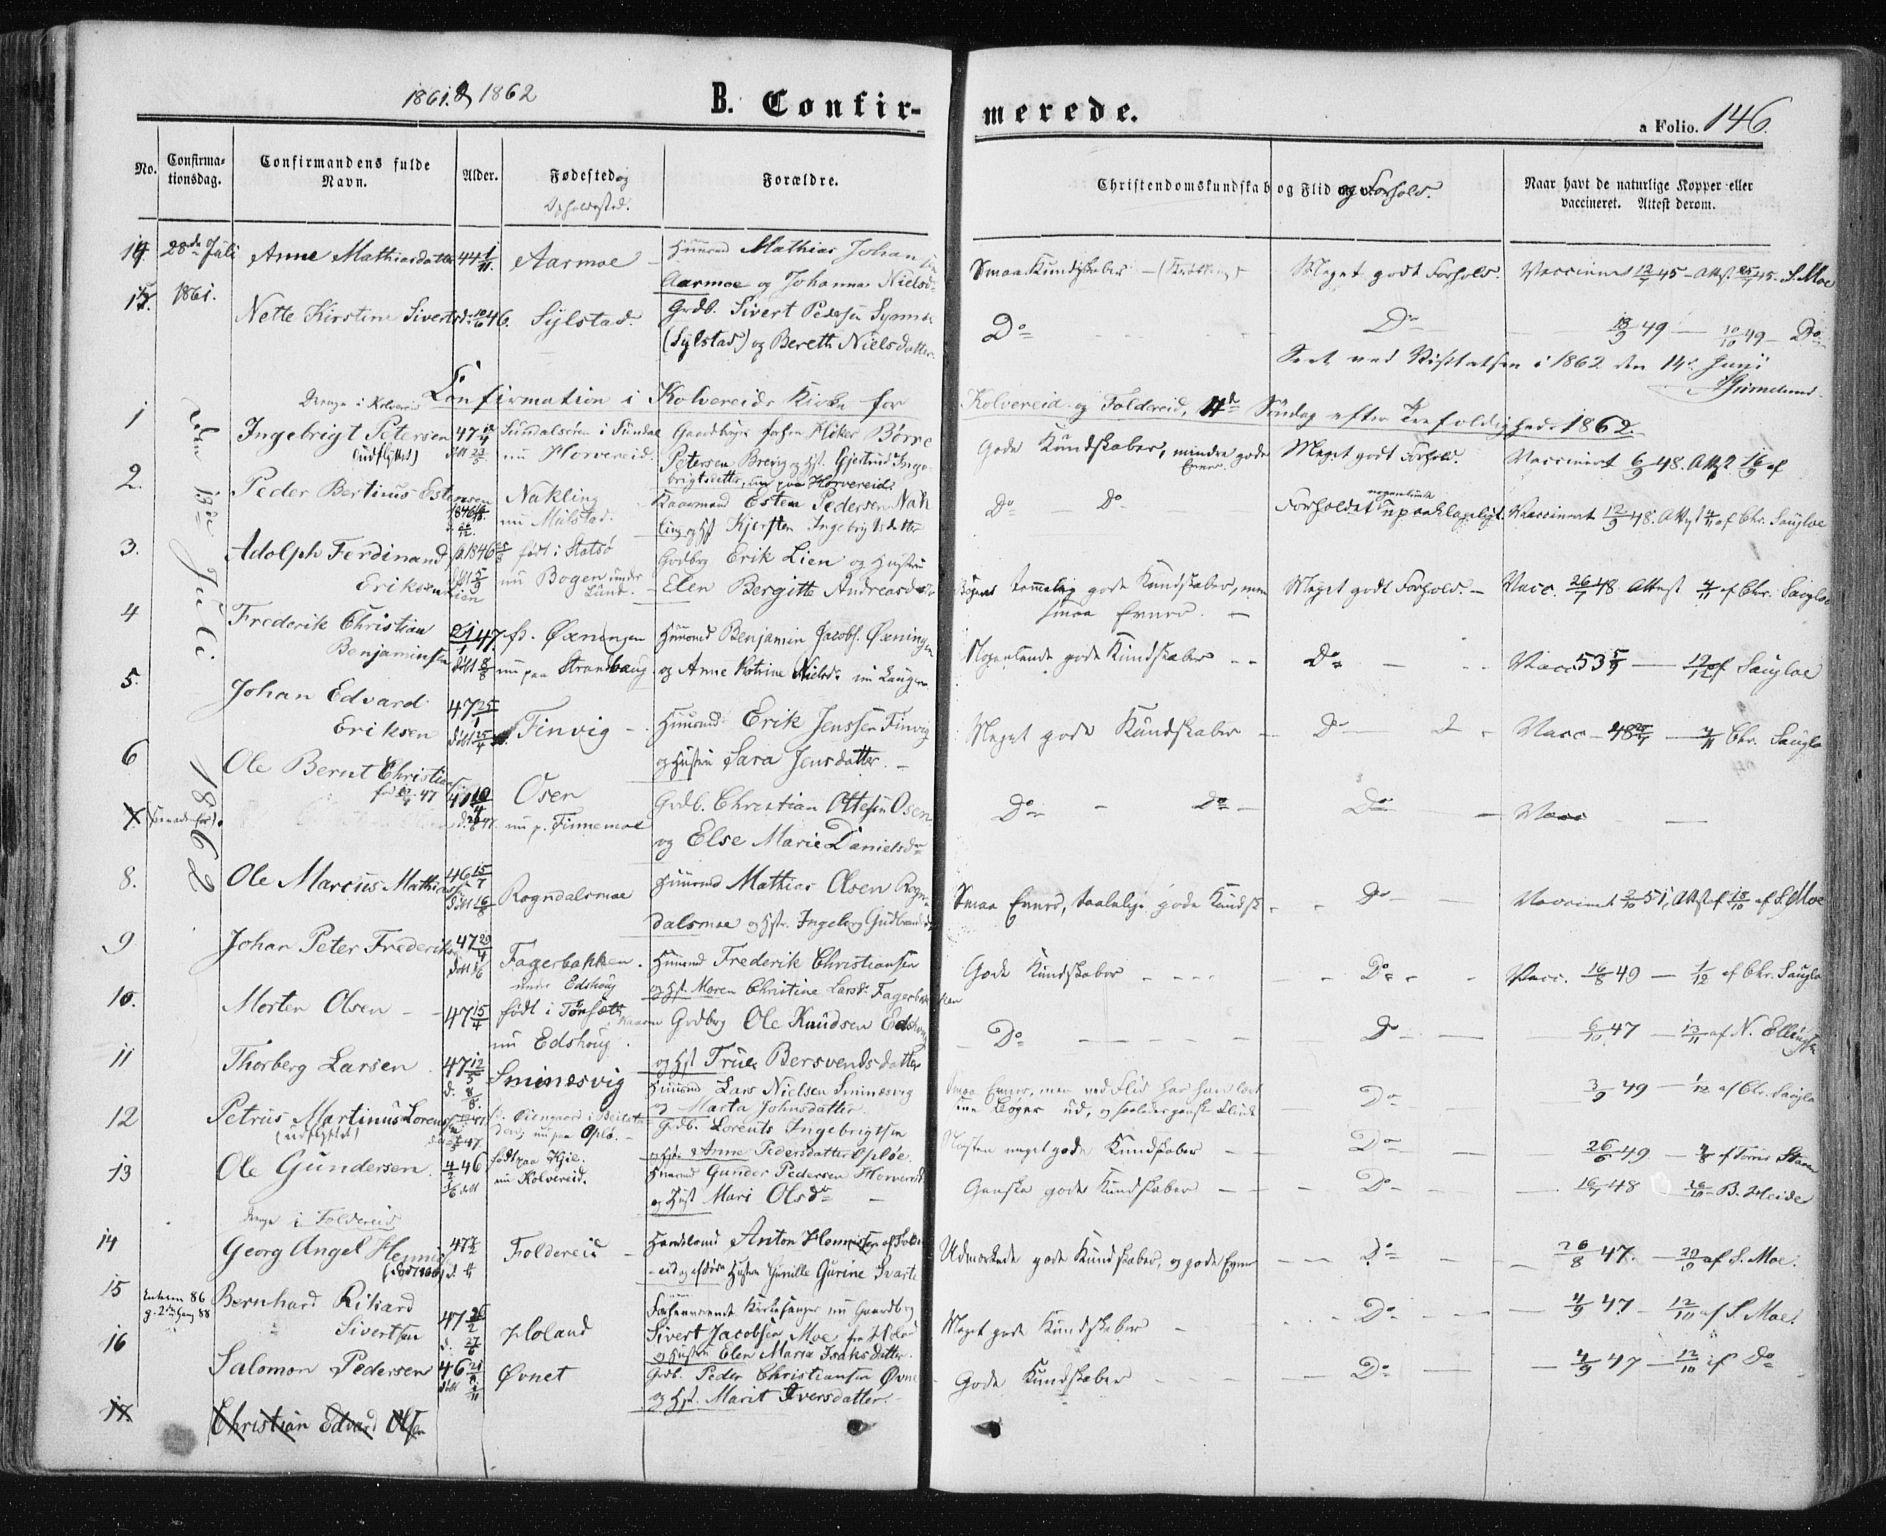 SAT, Ministerialprotokoller, klokkerbøker og fødselsregistre - Nord-Trøndelag, 780/L0641: Ministerialbok nr. 780A06, 1857-1874, s. 146